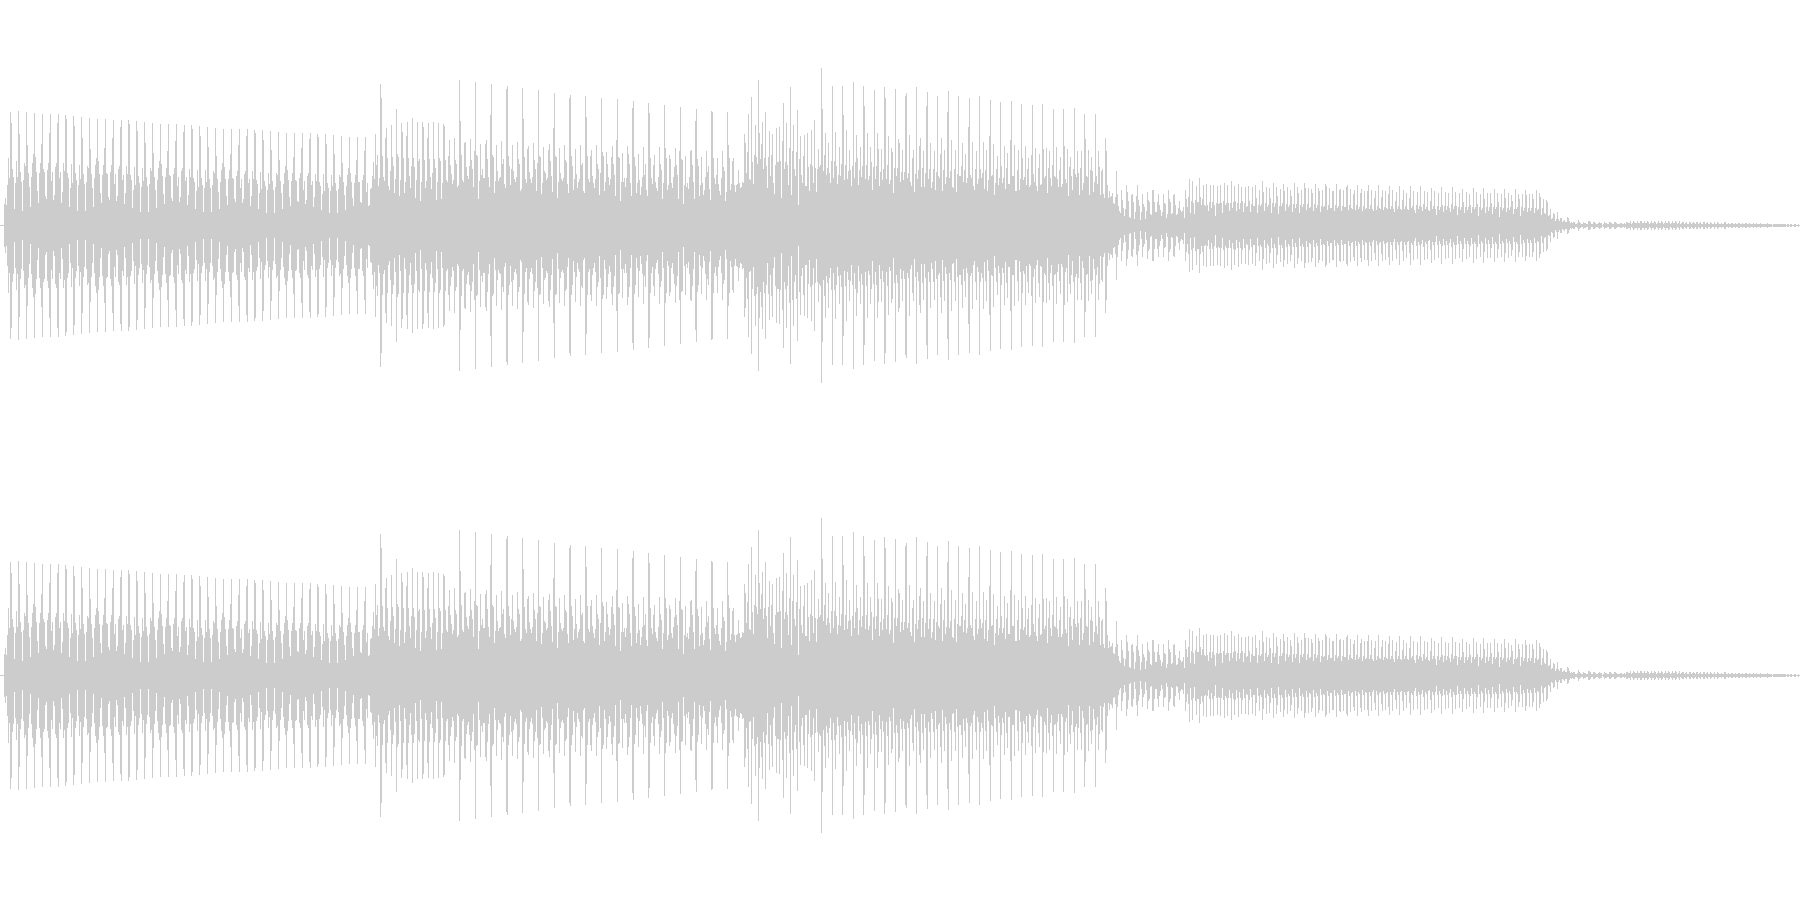 ボタン決定音システム選択タッチ登録B05の未再生の波形